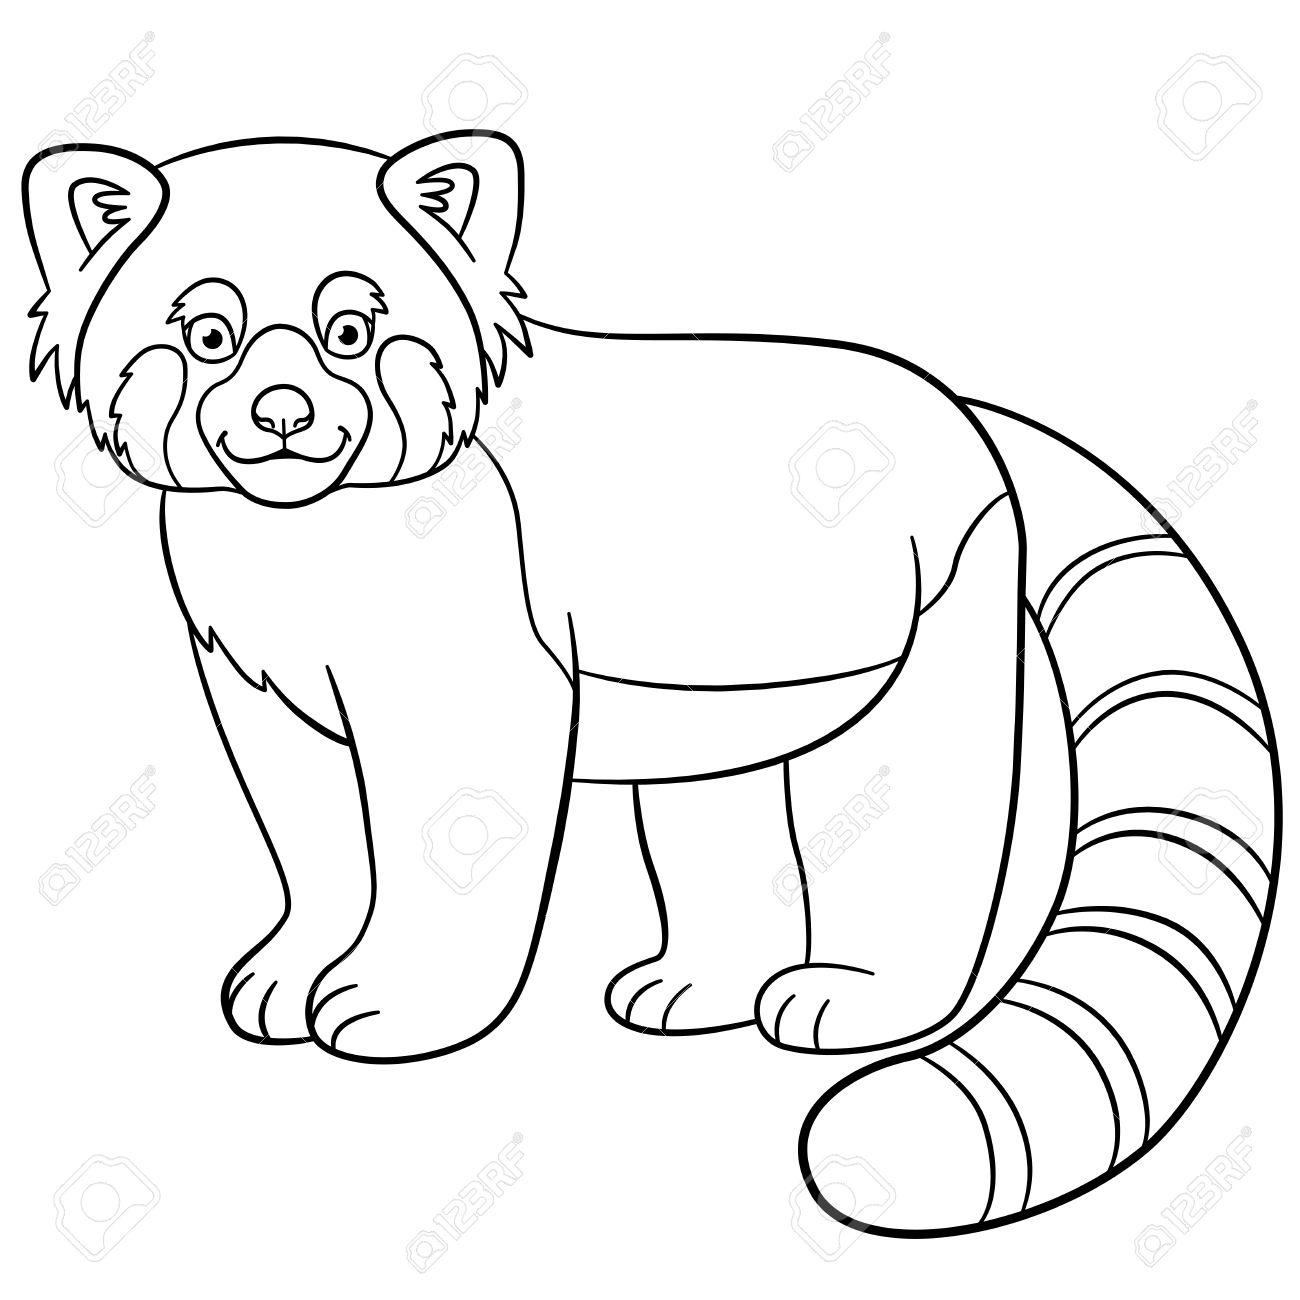 Páginas Para Colorear. Pequeños Lindo Se Encuentra Panda Rojo Y ...